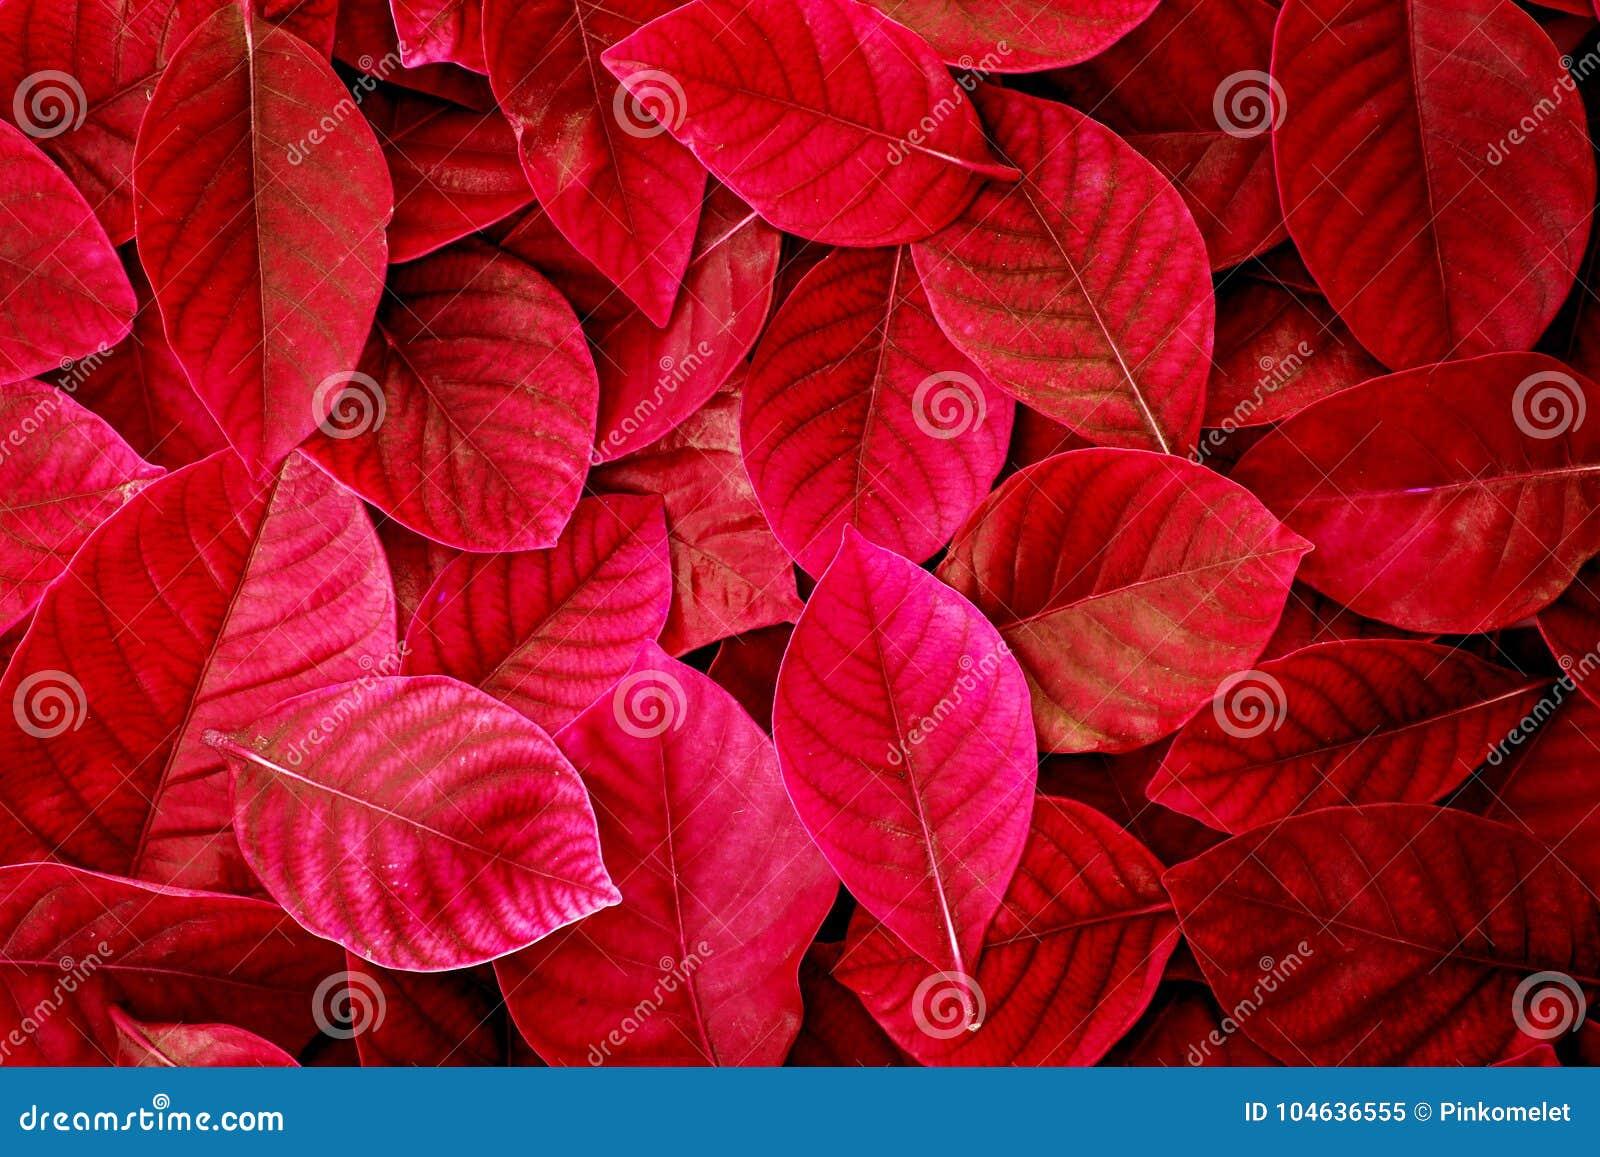 Download De Verse Tropische Rode Bladerenachtergrond Stock Afbeelding - Afbeelding bestaande uit naughty, helder: 104636555